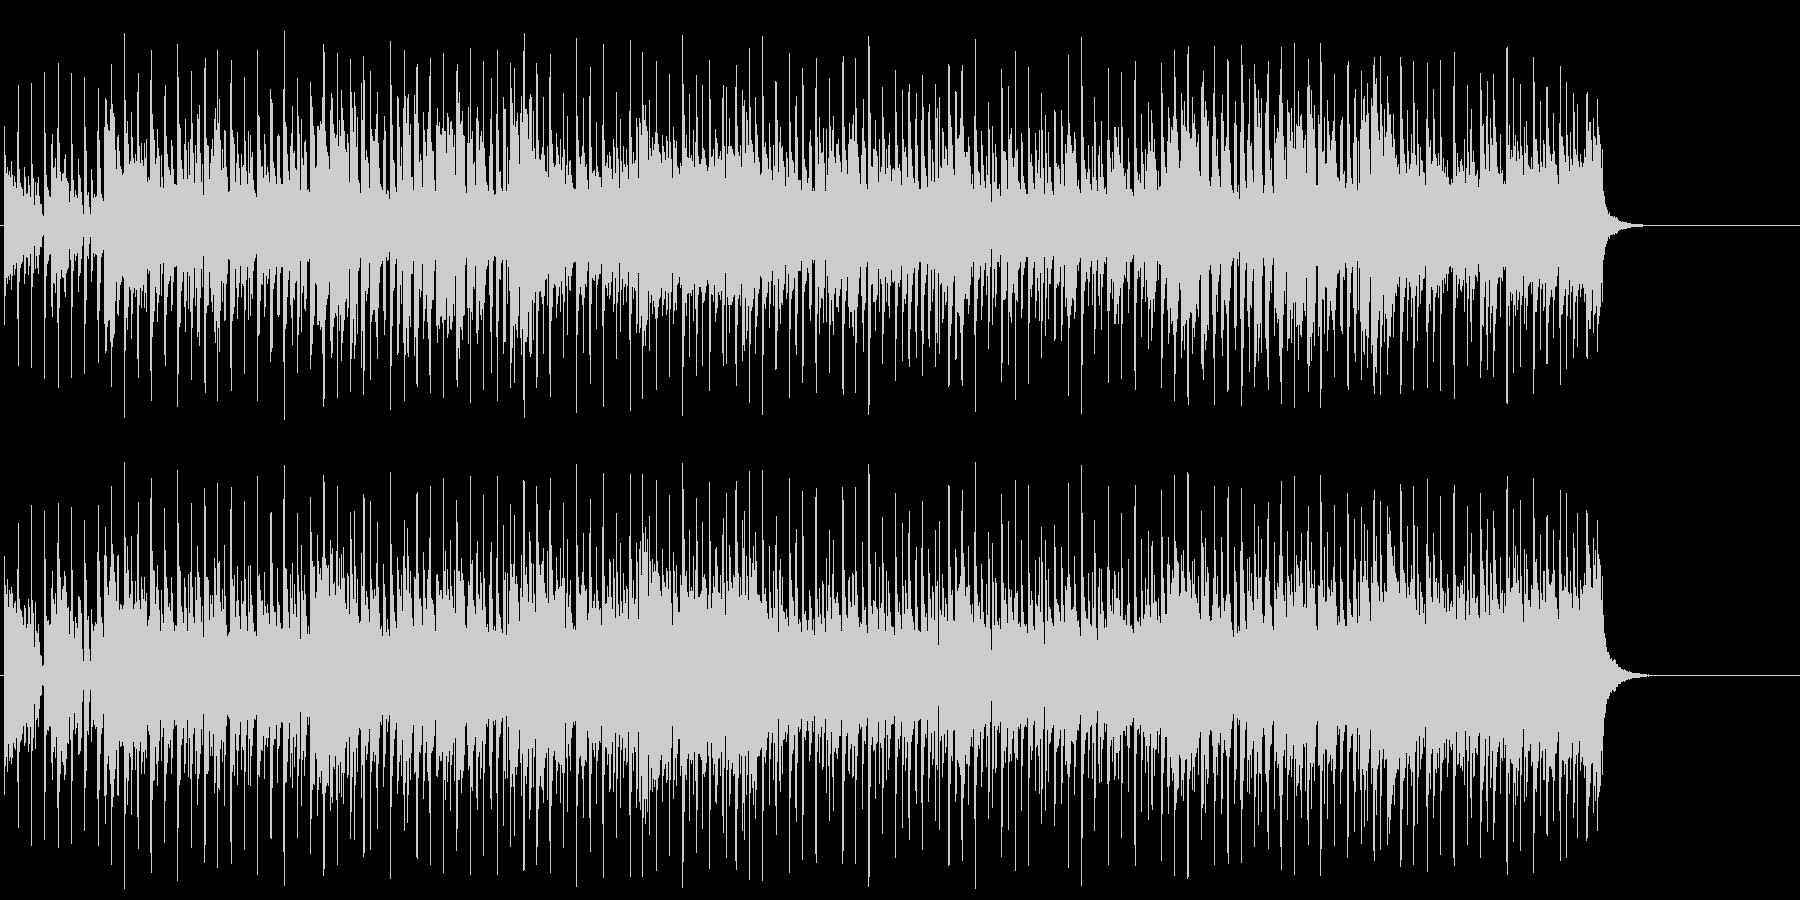 ファンキーで勢いのあるポップ/テクノ/の未再生の波形